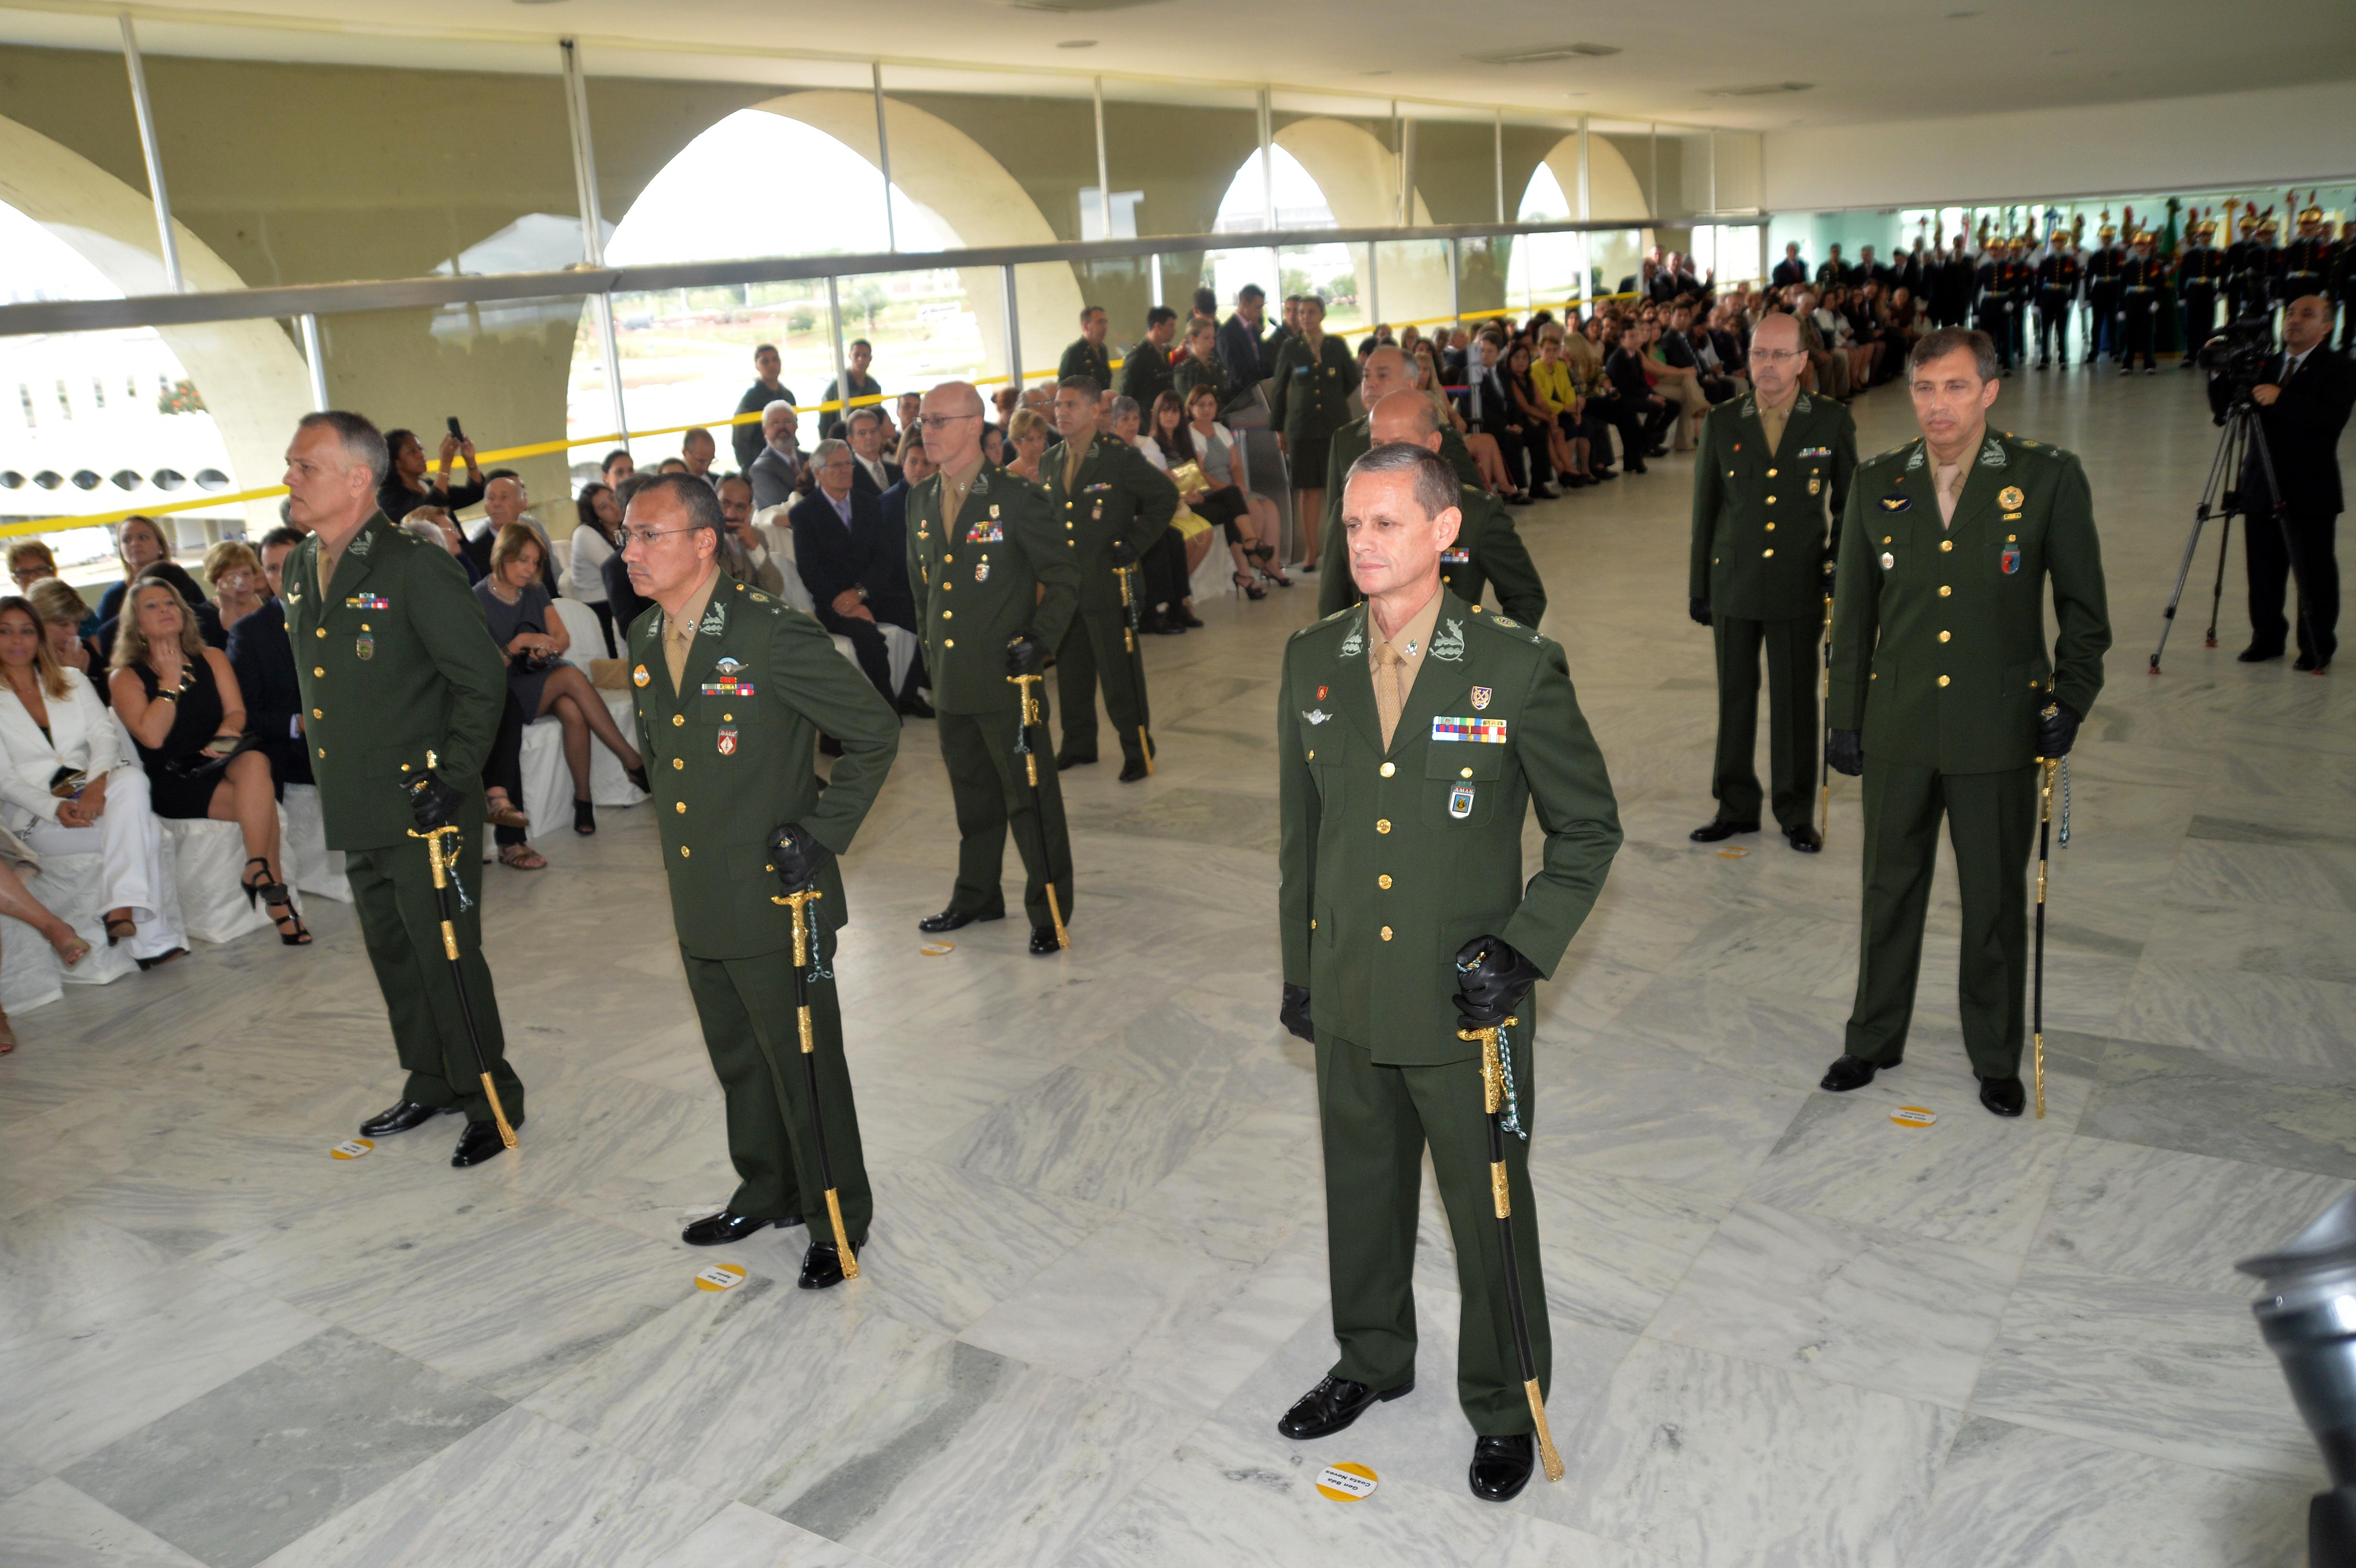 4f43634963e2e File:Cerimônia de entrega da Espada de general aos novos generais de Brigada,  no